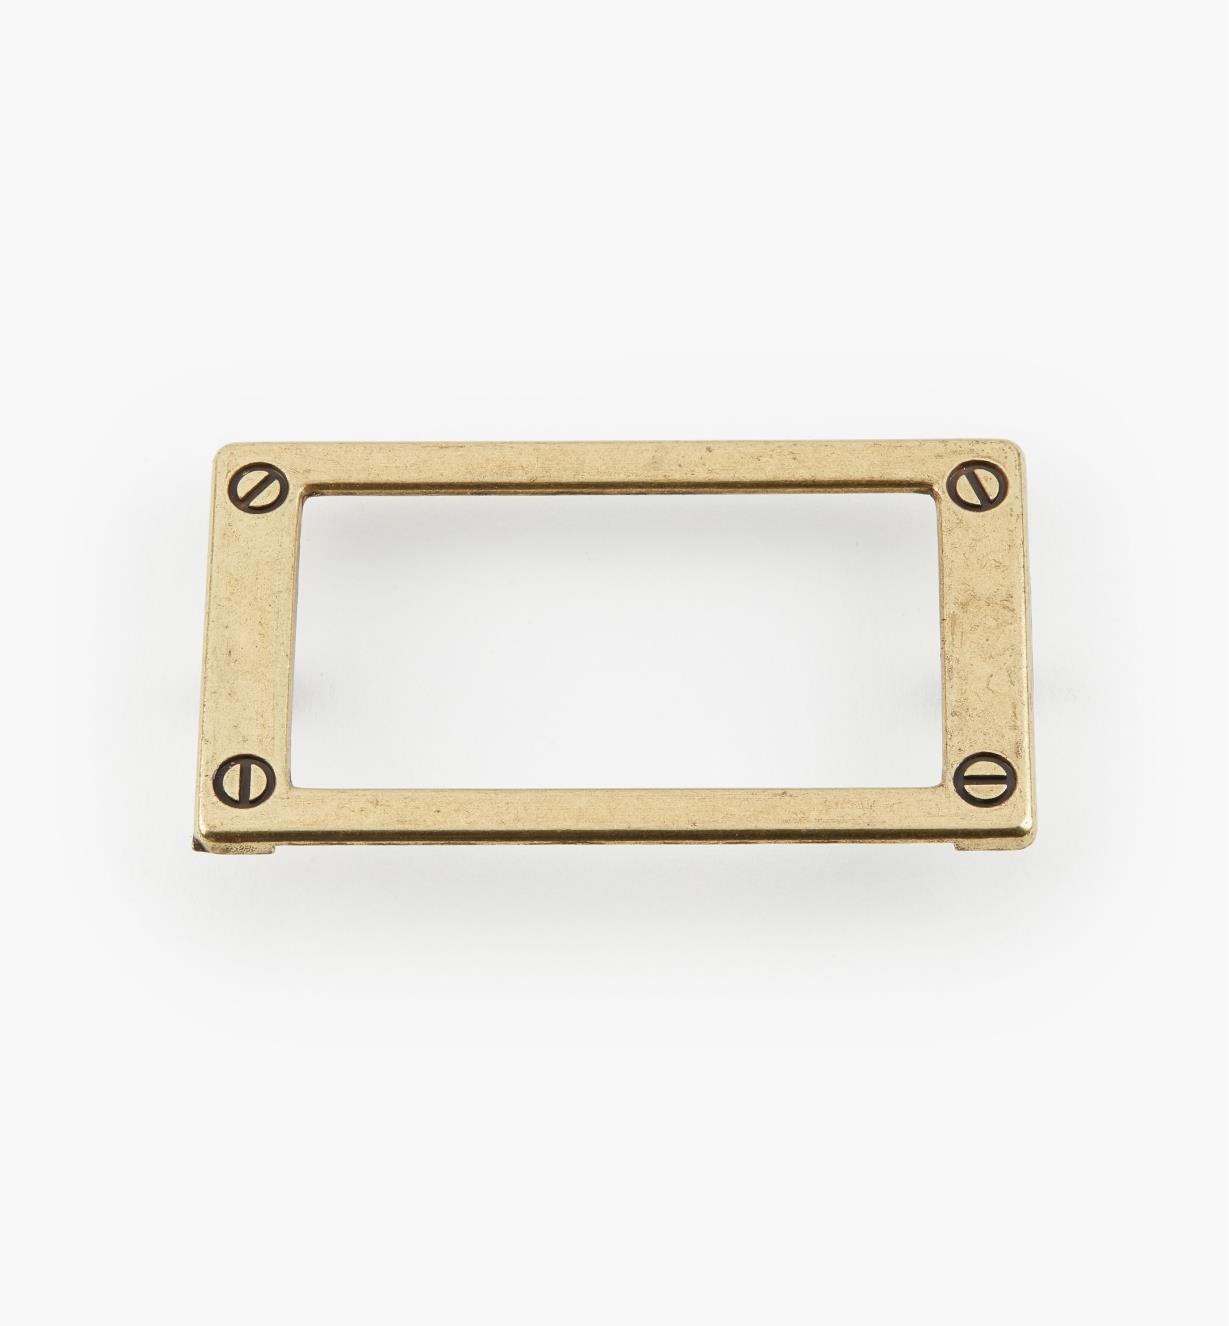 01W3512 - Porte-étiquette en zinc coulé, anglais antique, 79 mm